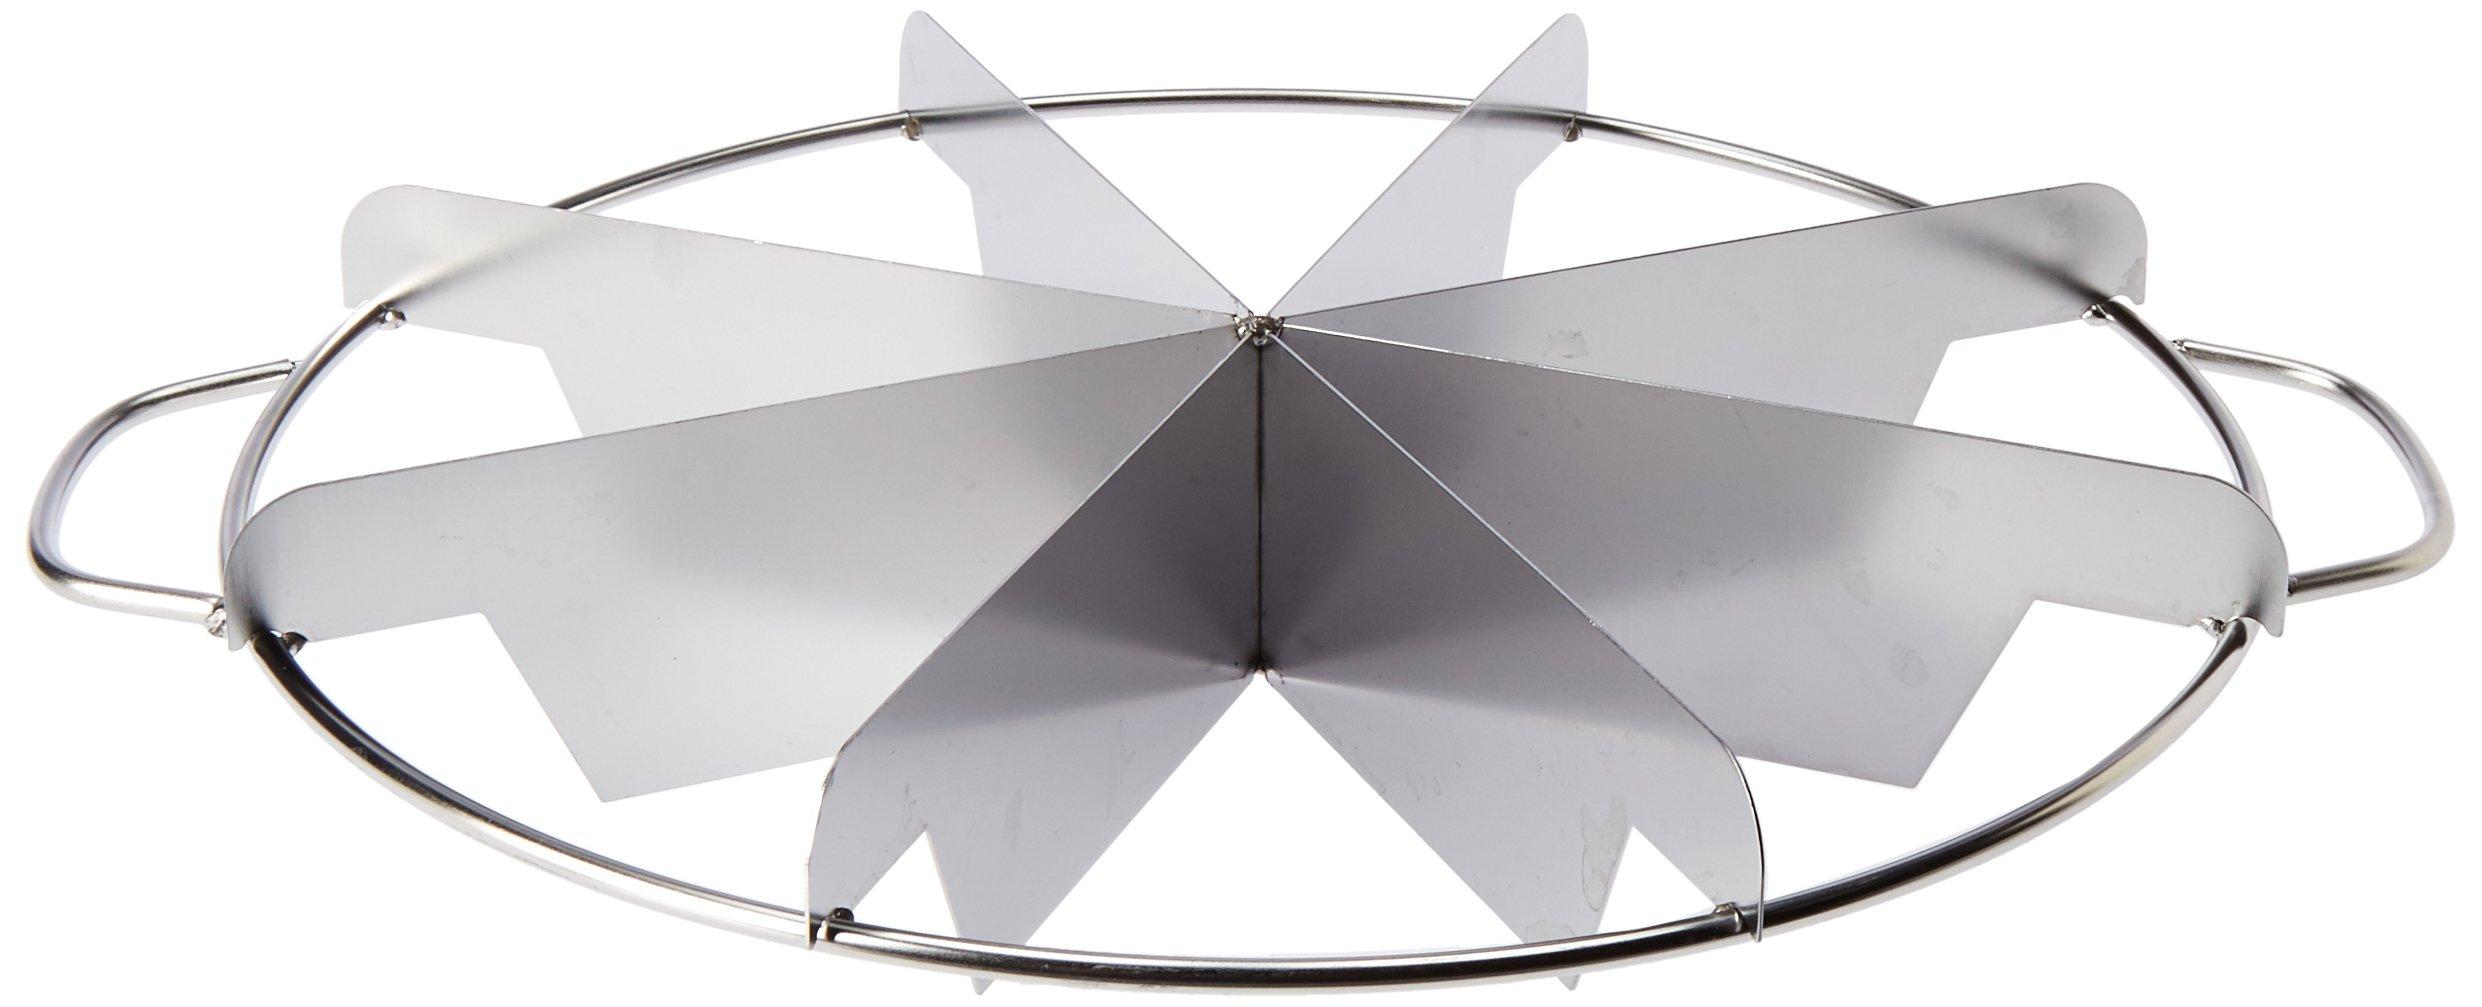 Crestware 8-Inch Stainless Steel Pie Cutter